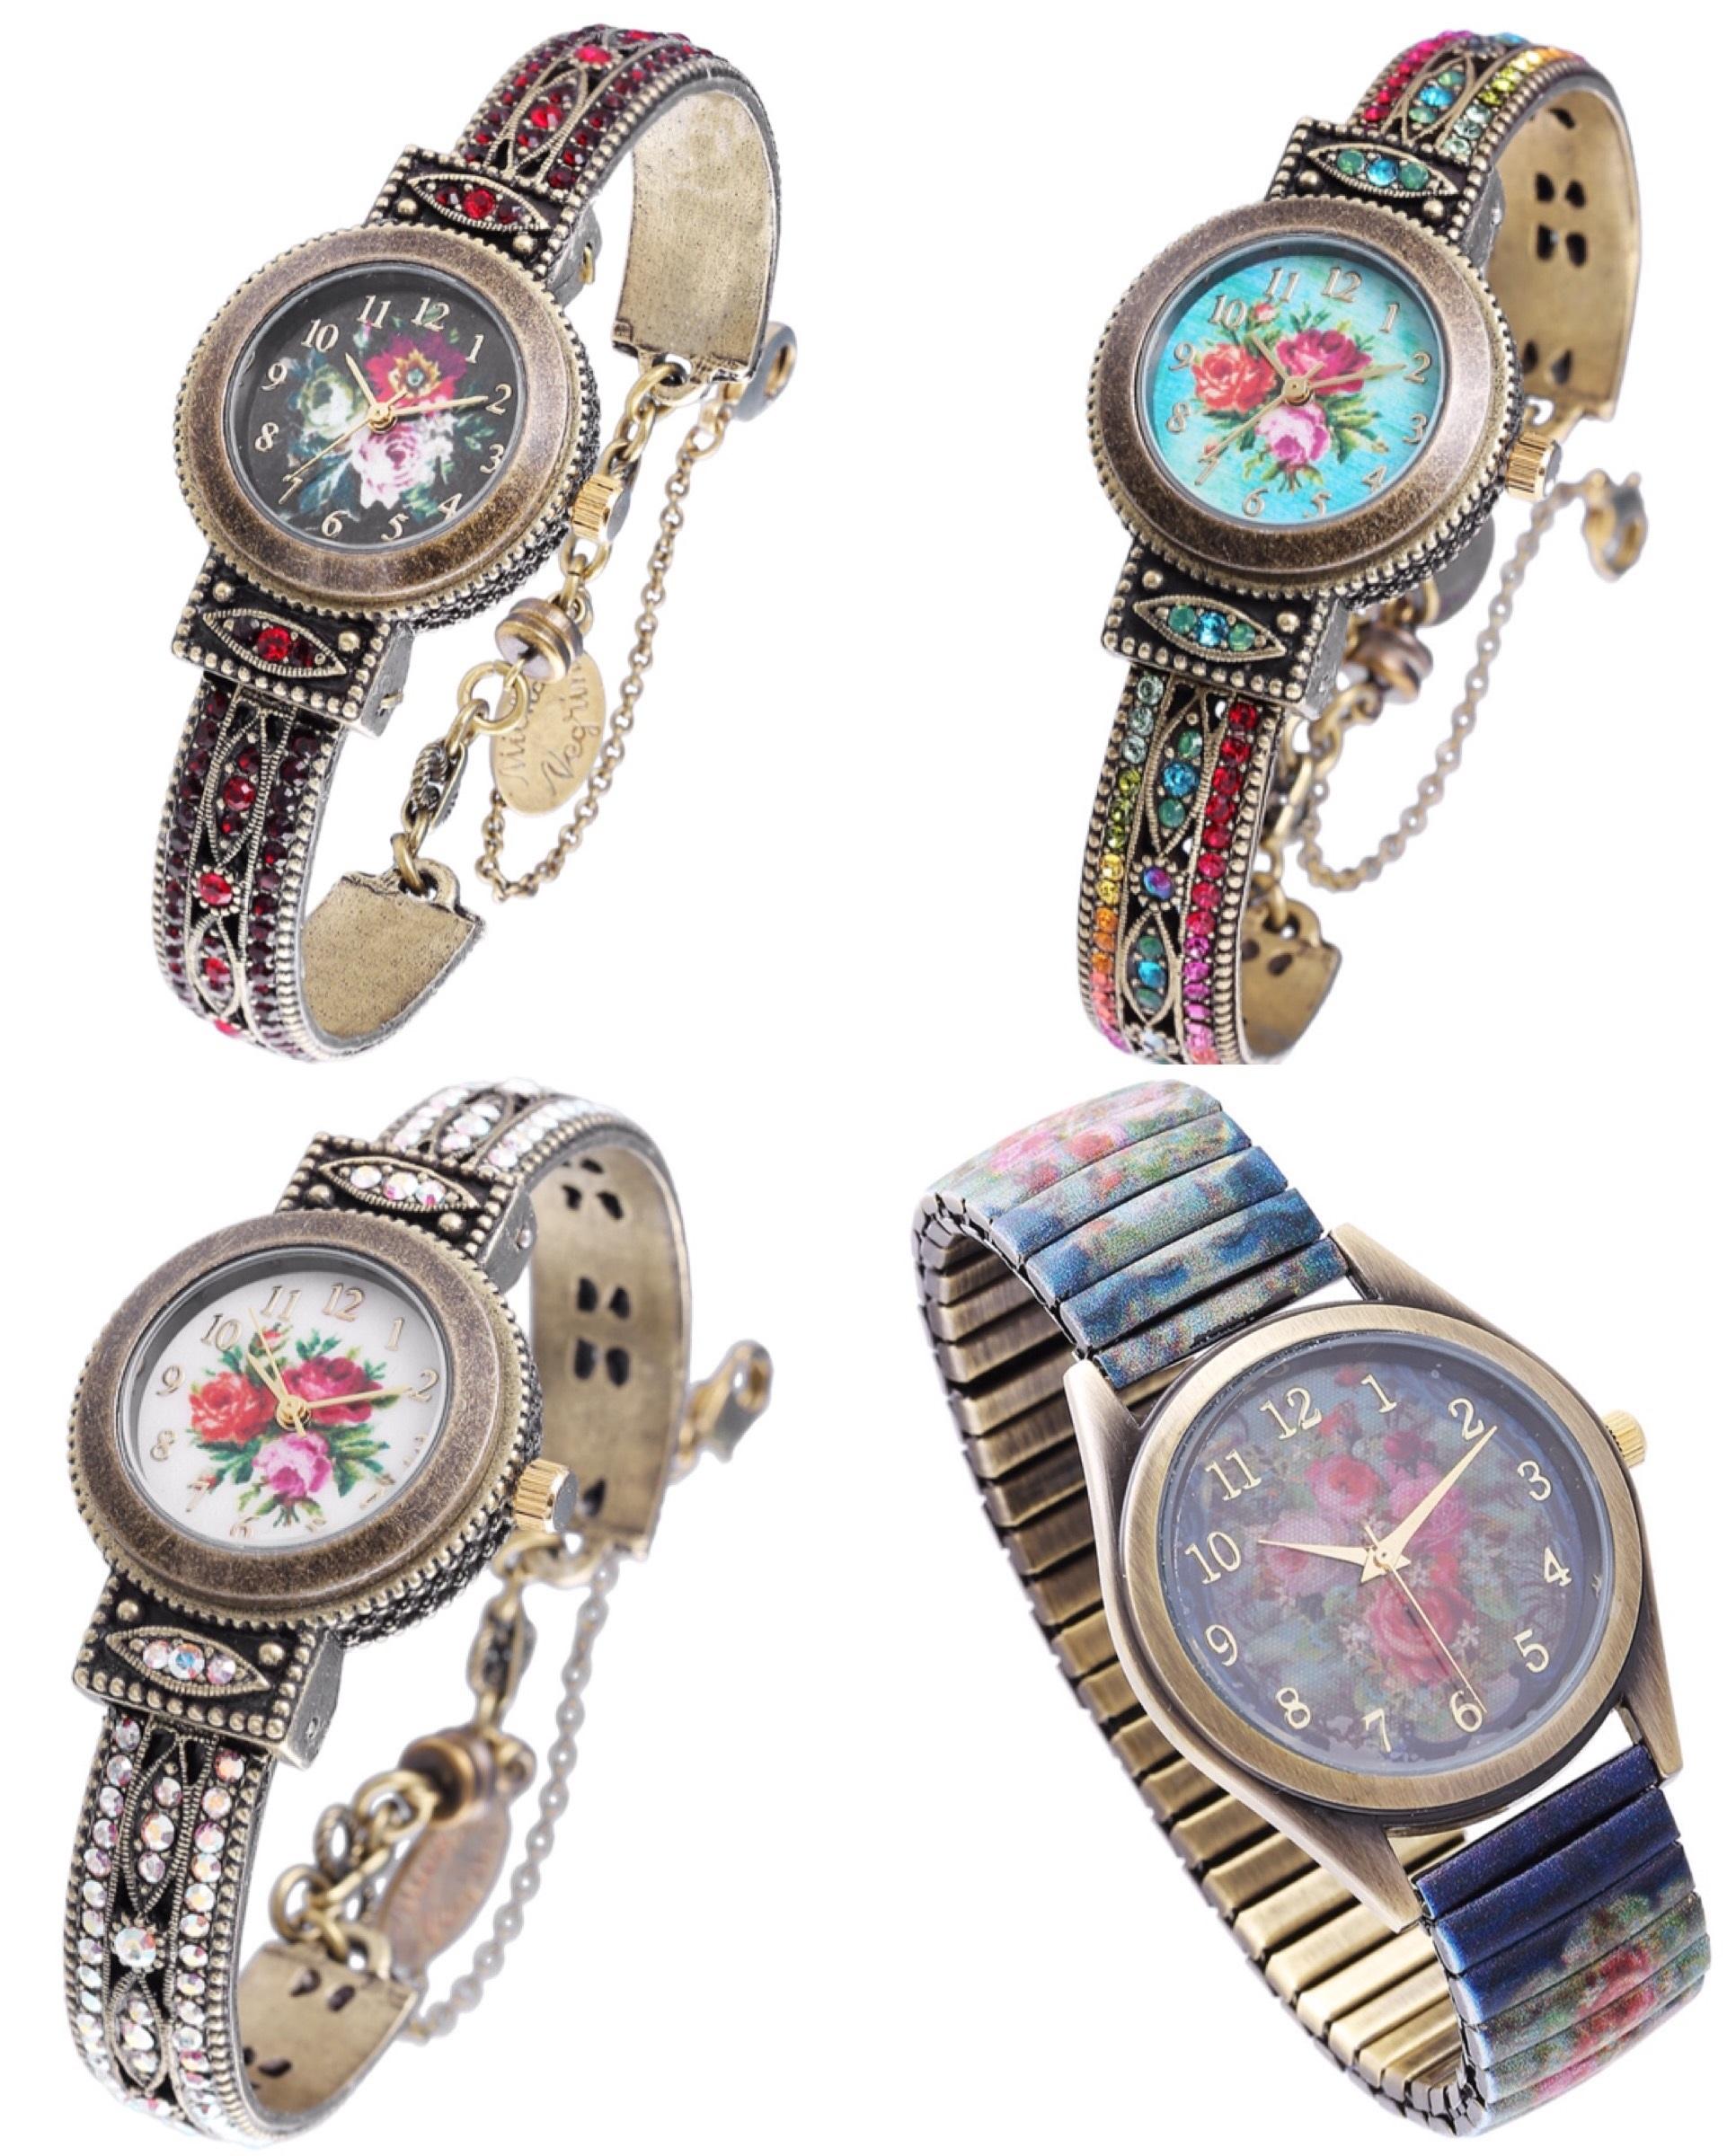 Приближаем весну: часы из новой коллекции Michal Negrin – сегодня от 160 шек.